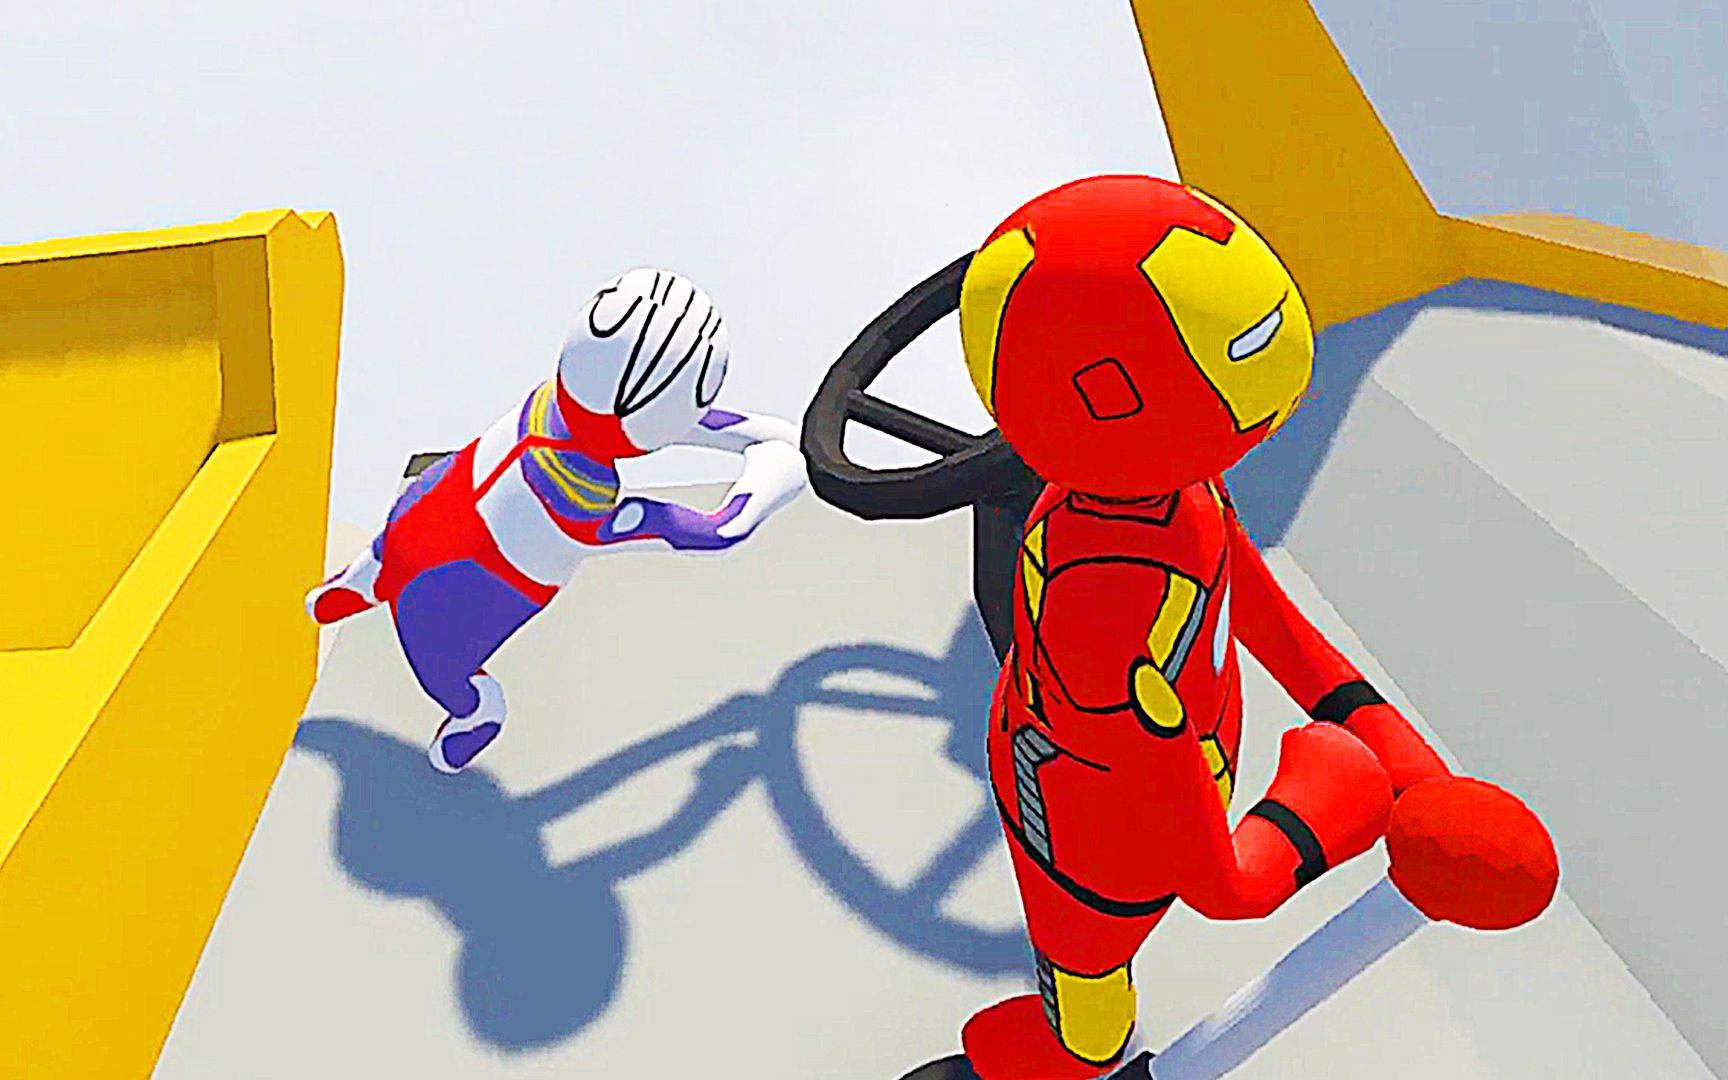 迪迦奥特曼小游戏7k7k_【屌德斯小熙】 基佬大冒险 卡车司机迪迦奥特曼和钢铁侠在 ...